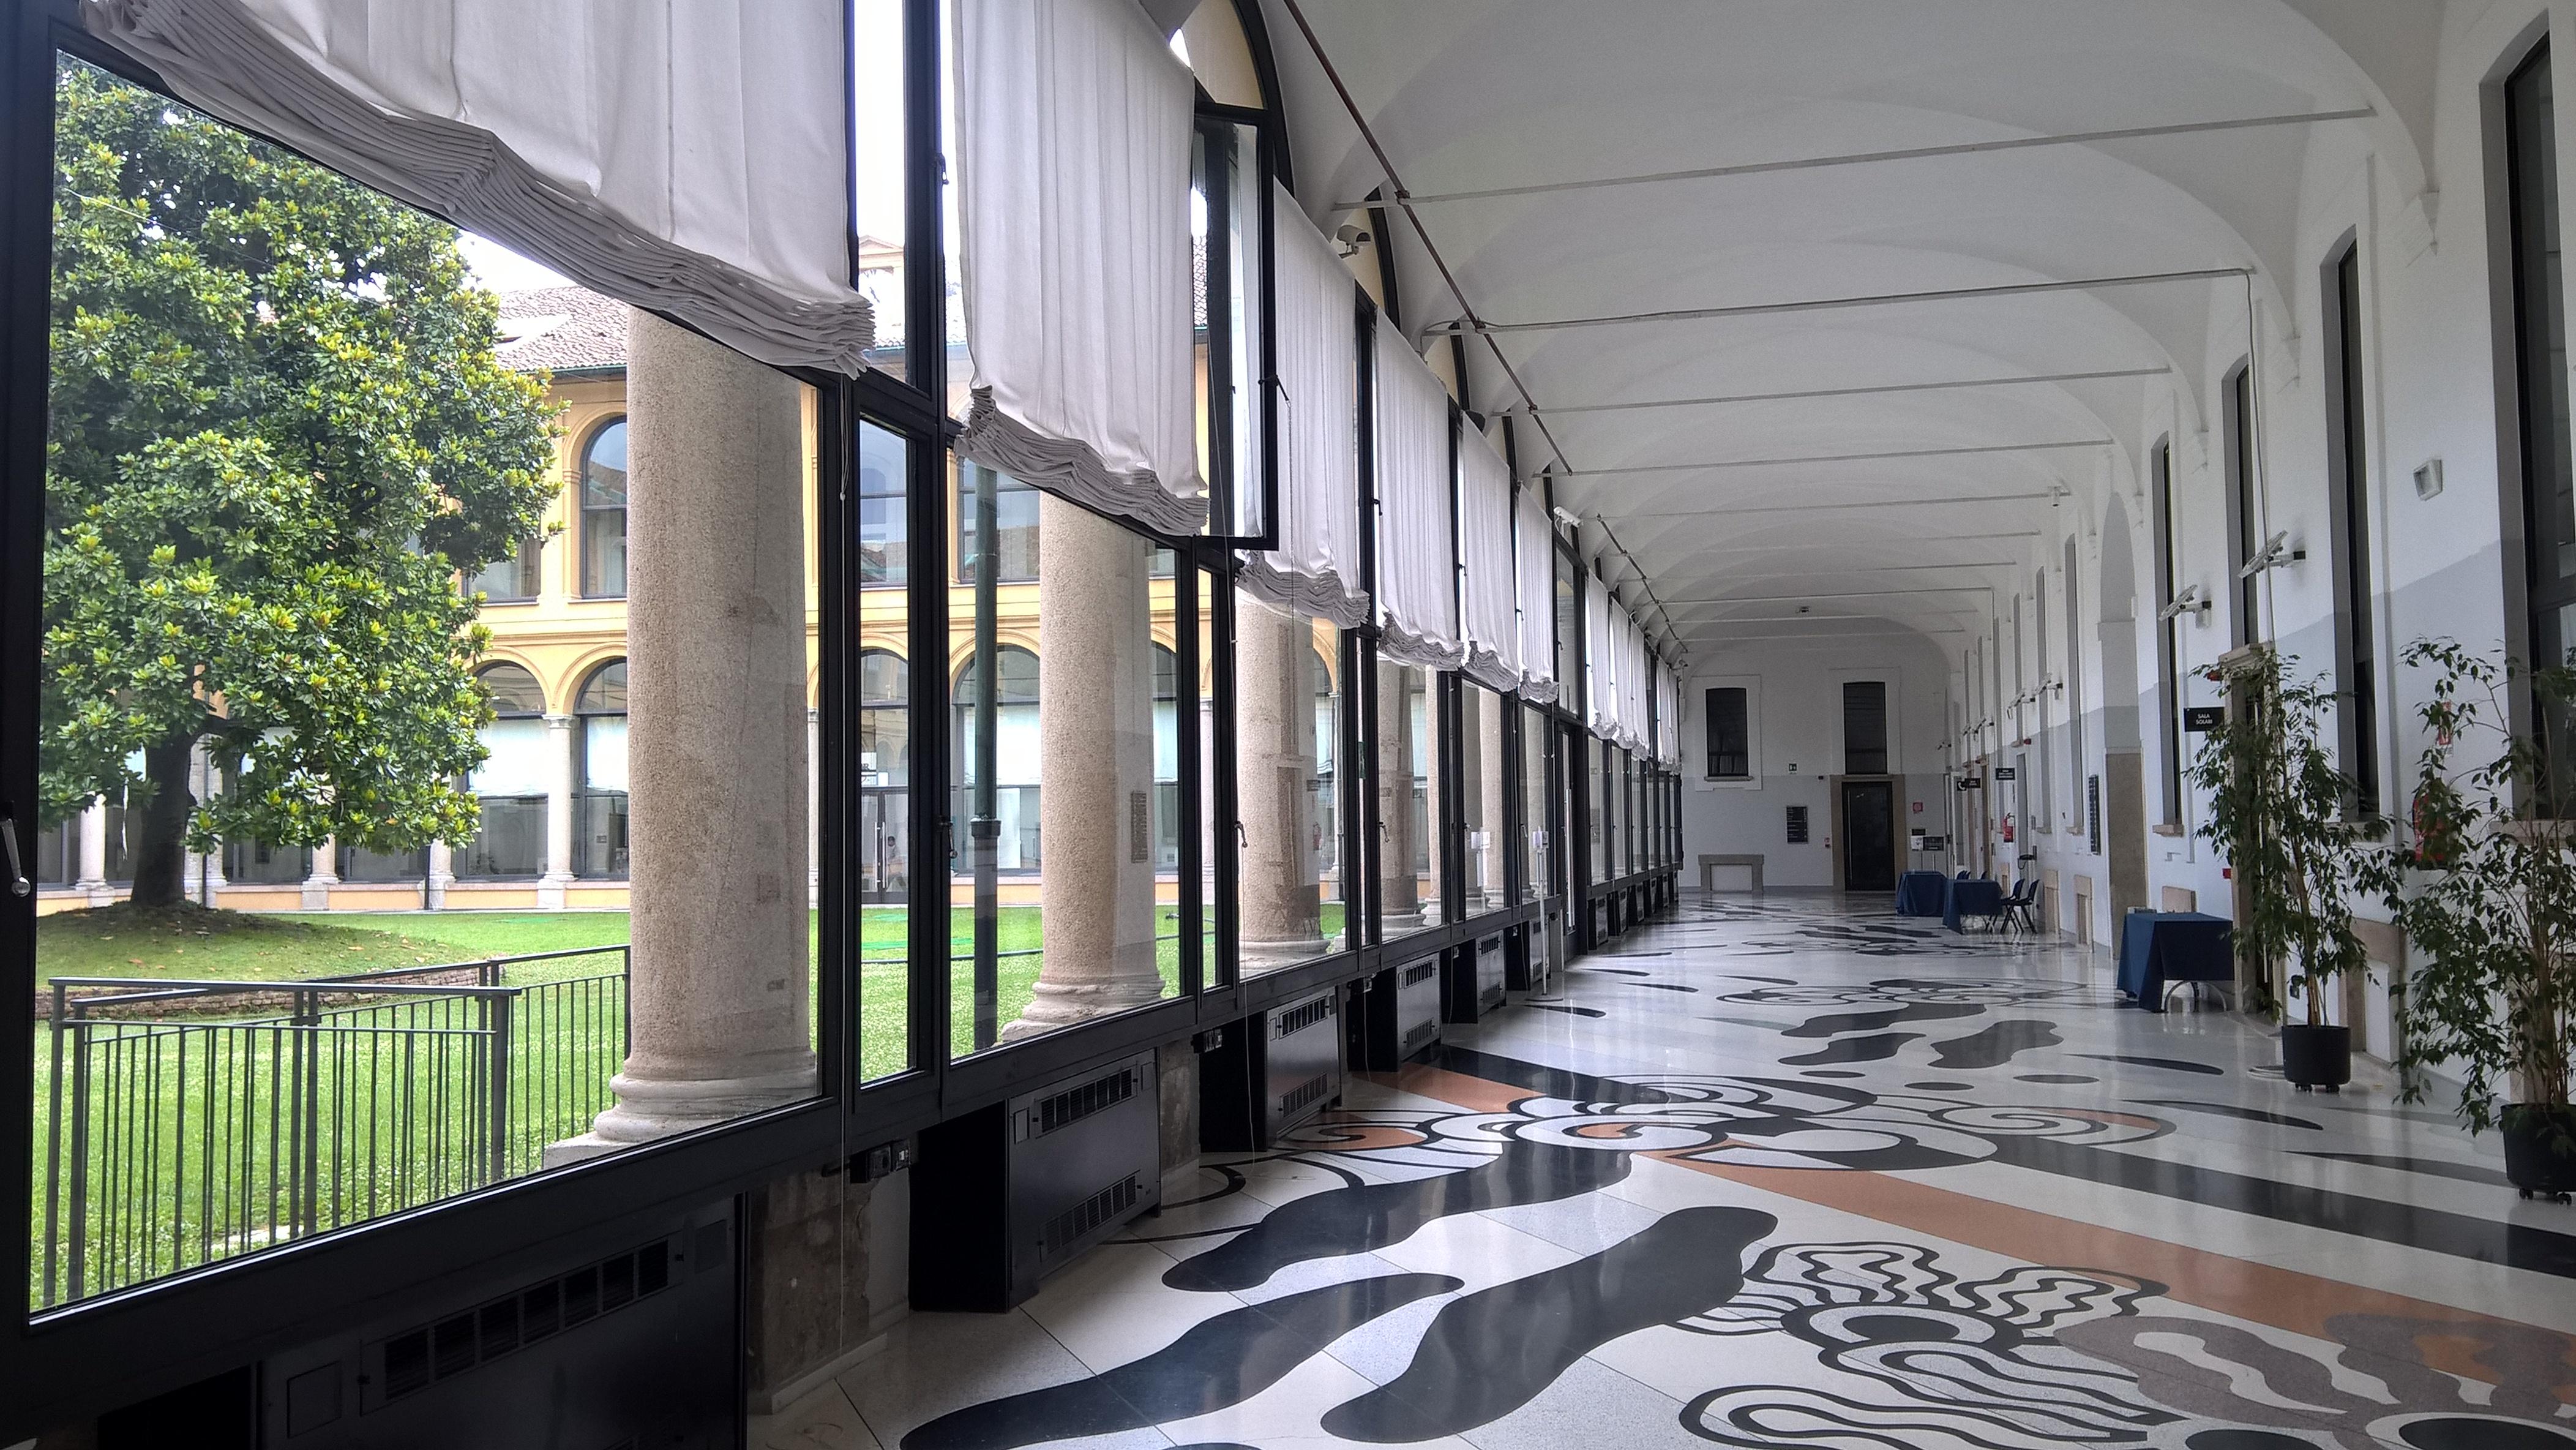 Eventi a milano giugno 2017 di edy rulli commonspeeches for Eventi milano aprile 2017